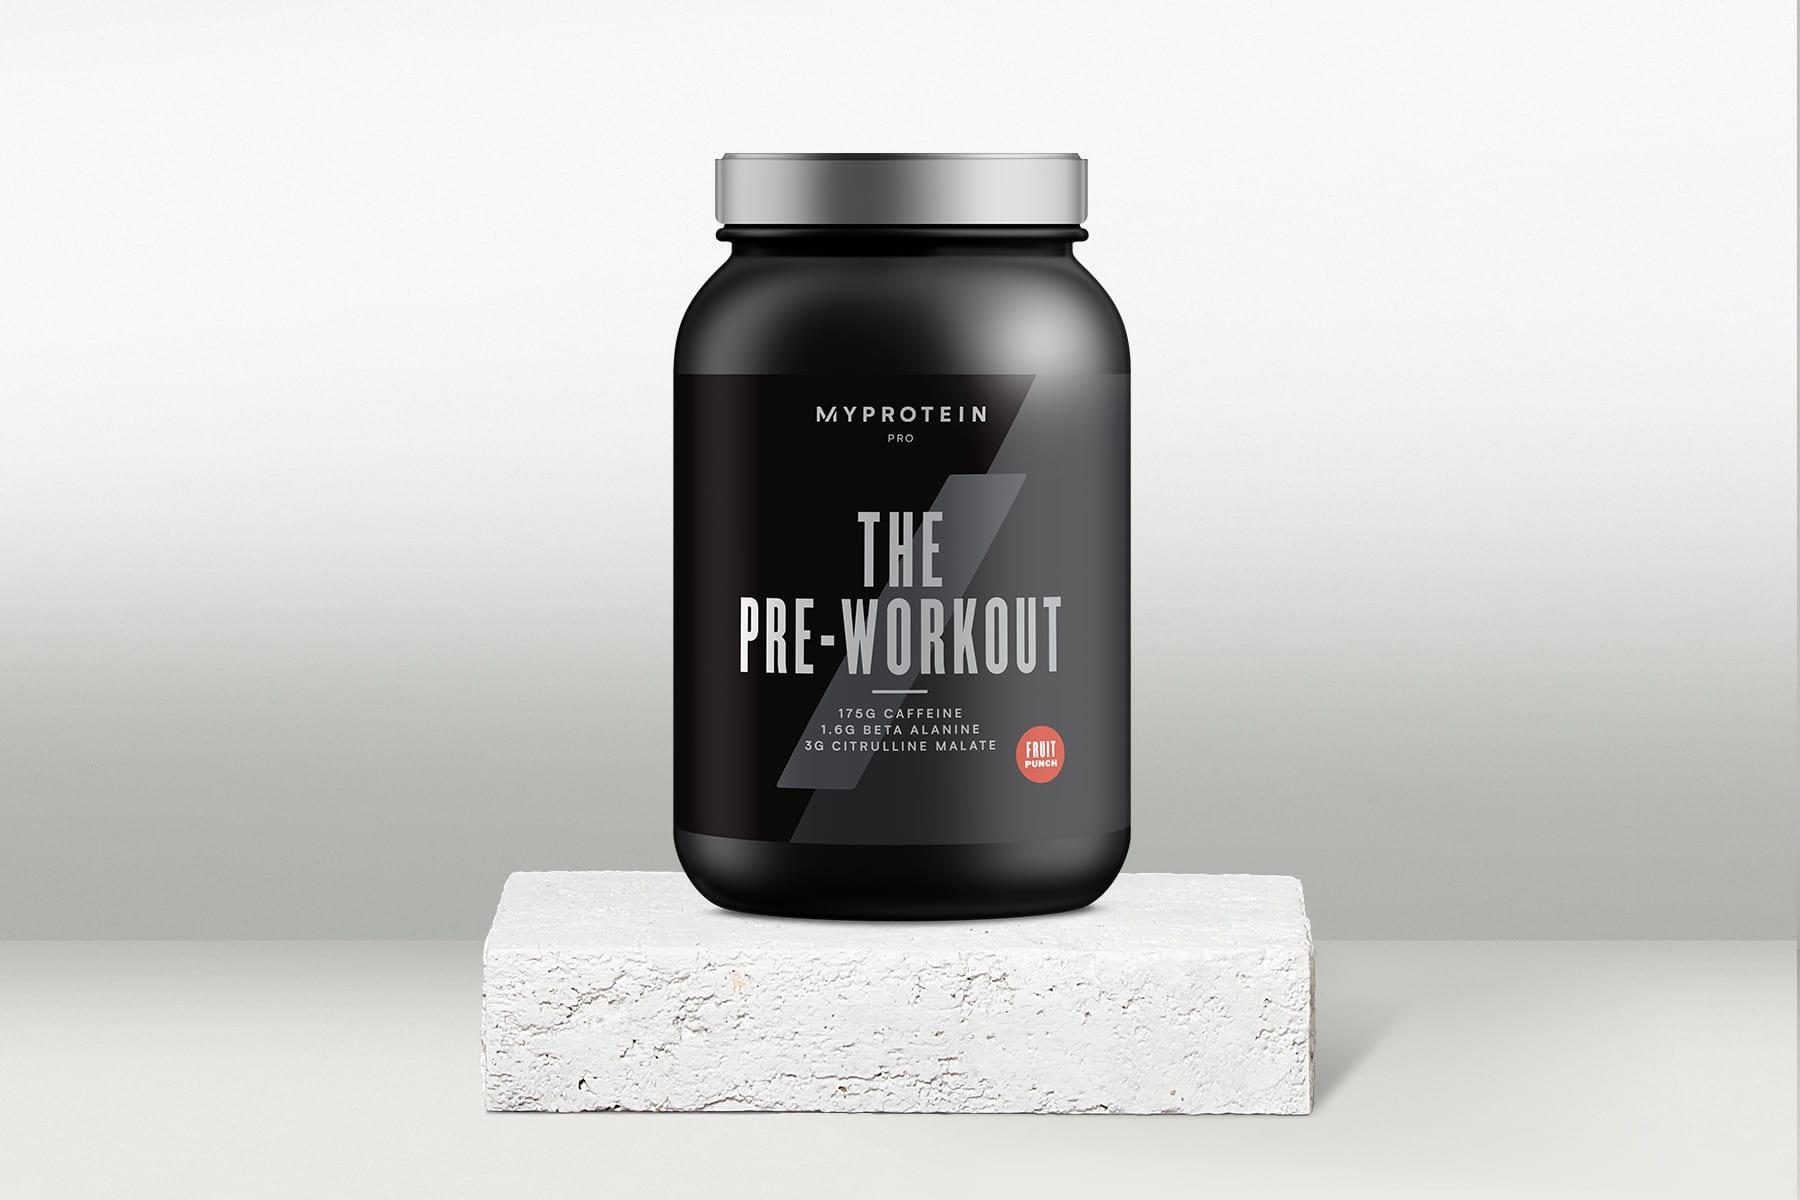 THE pre workout - prémium edzés előtti formula